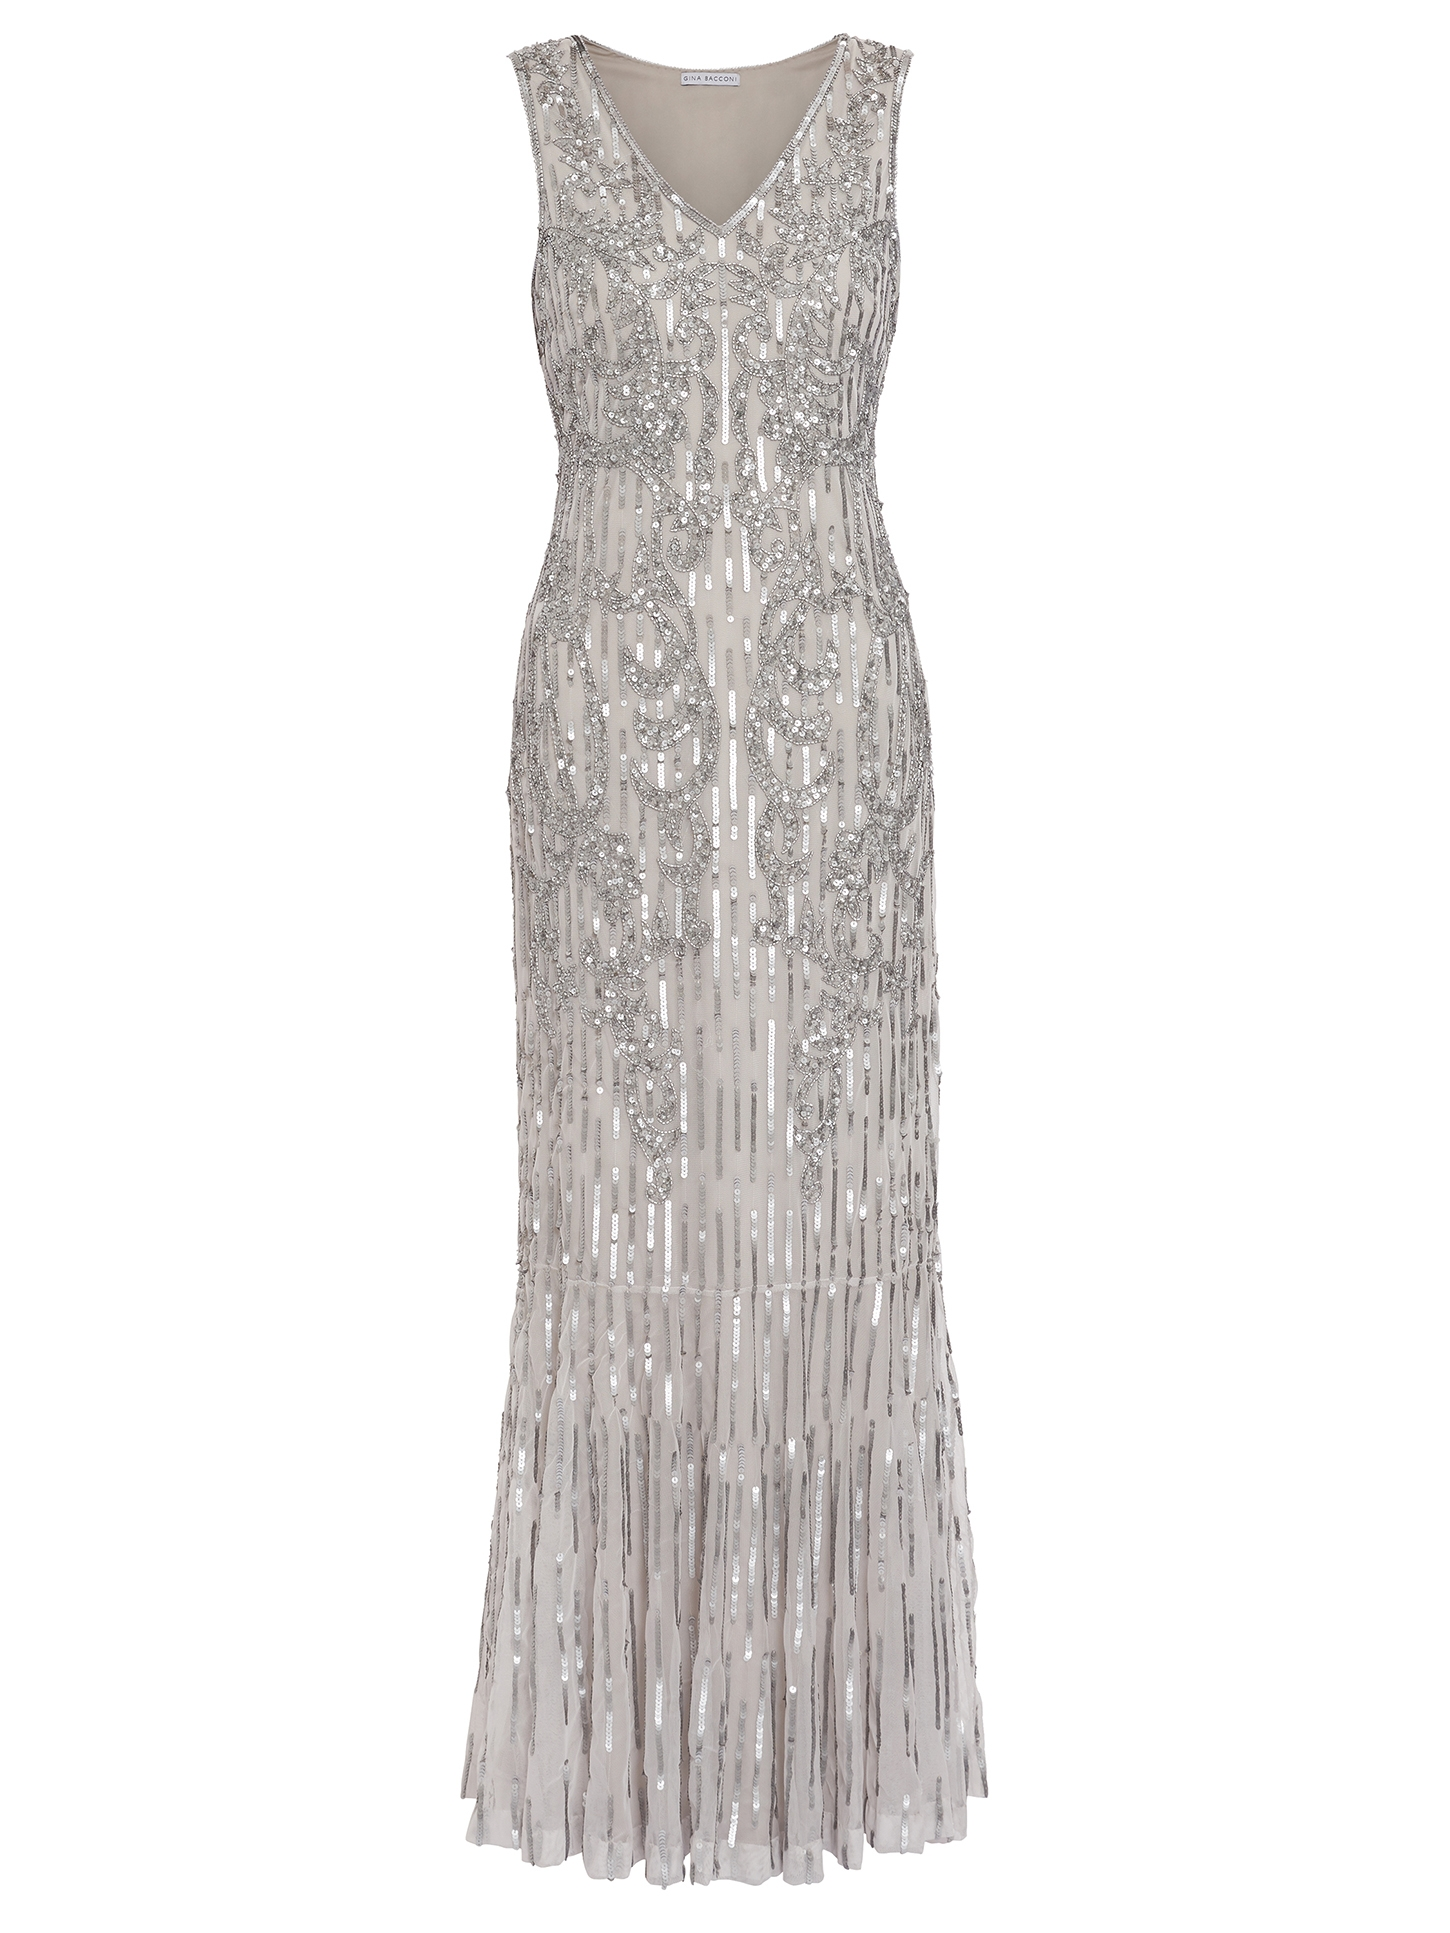 Alundra Beaded Maxi Dress